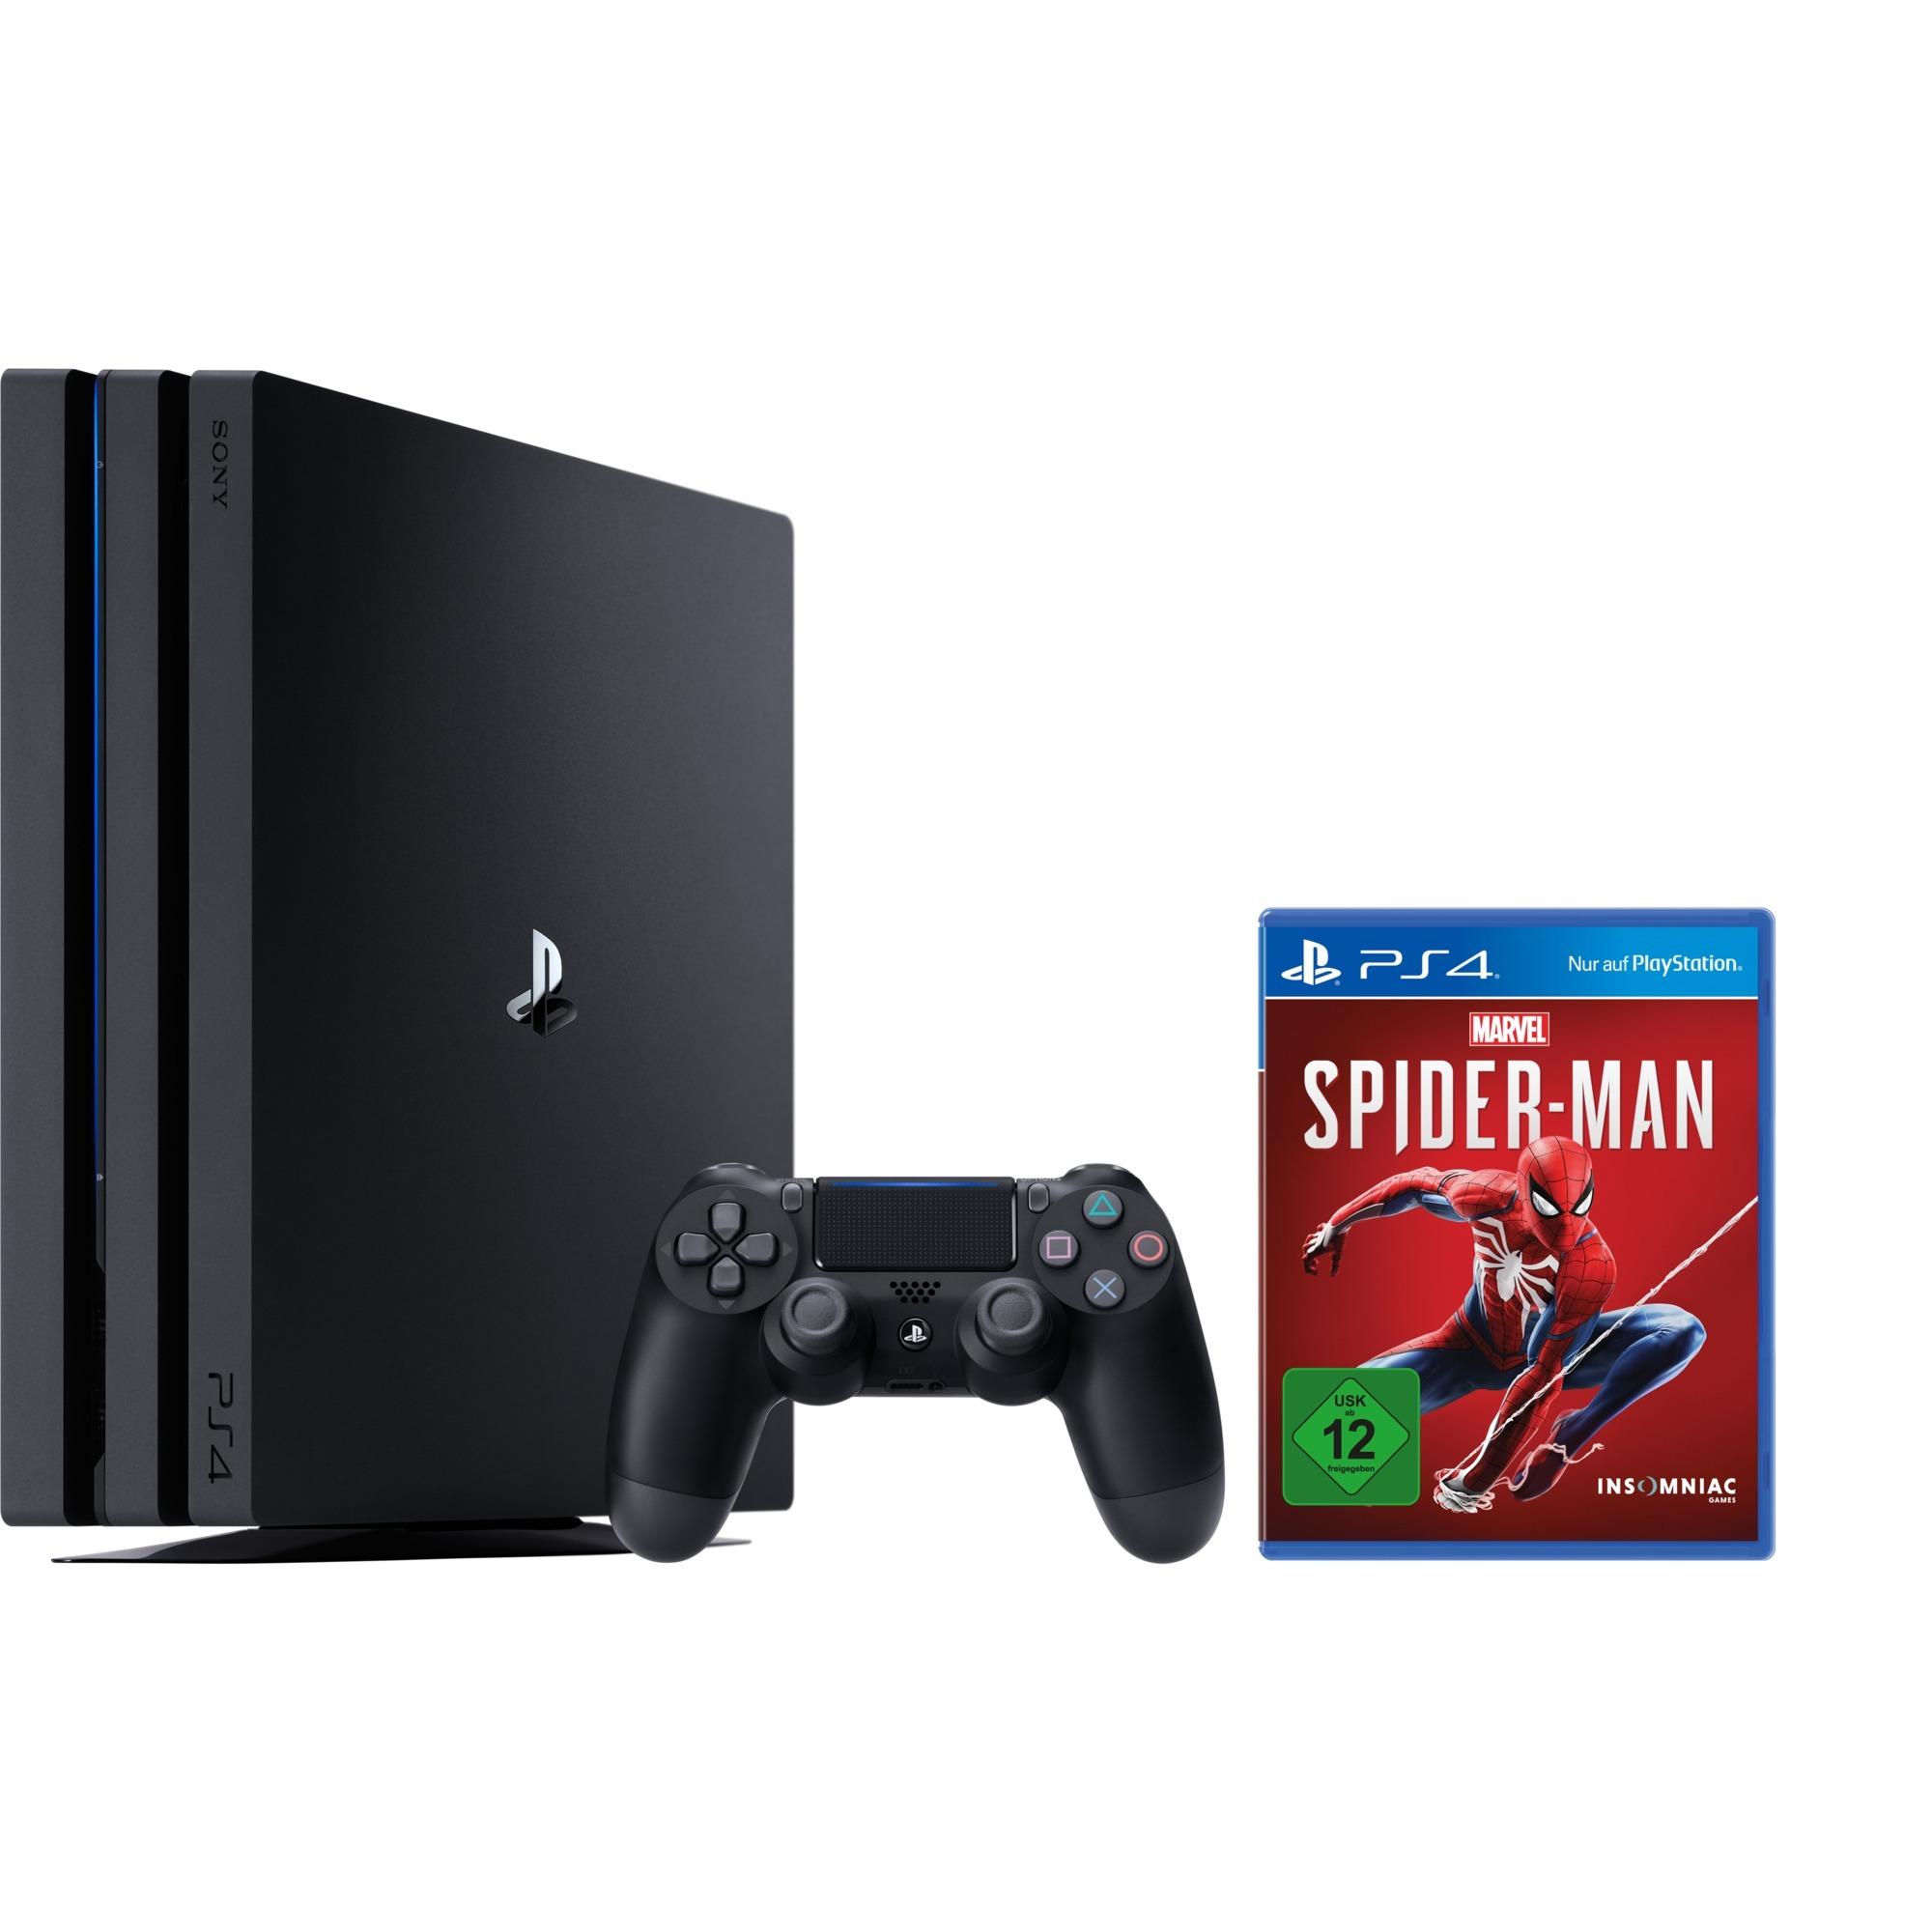 PlayStation 4 Pro 1TB + Spider-Man, Videoconsola